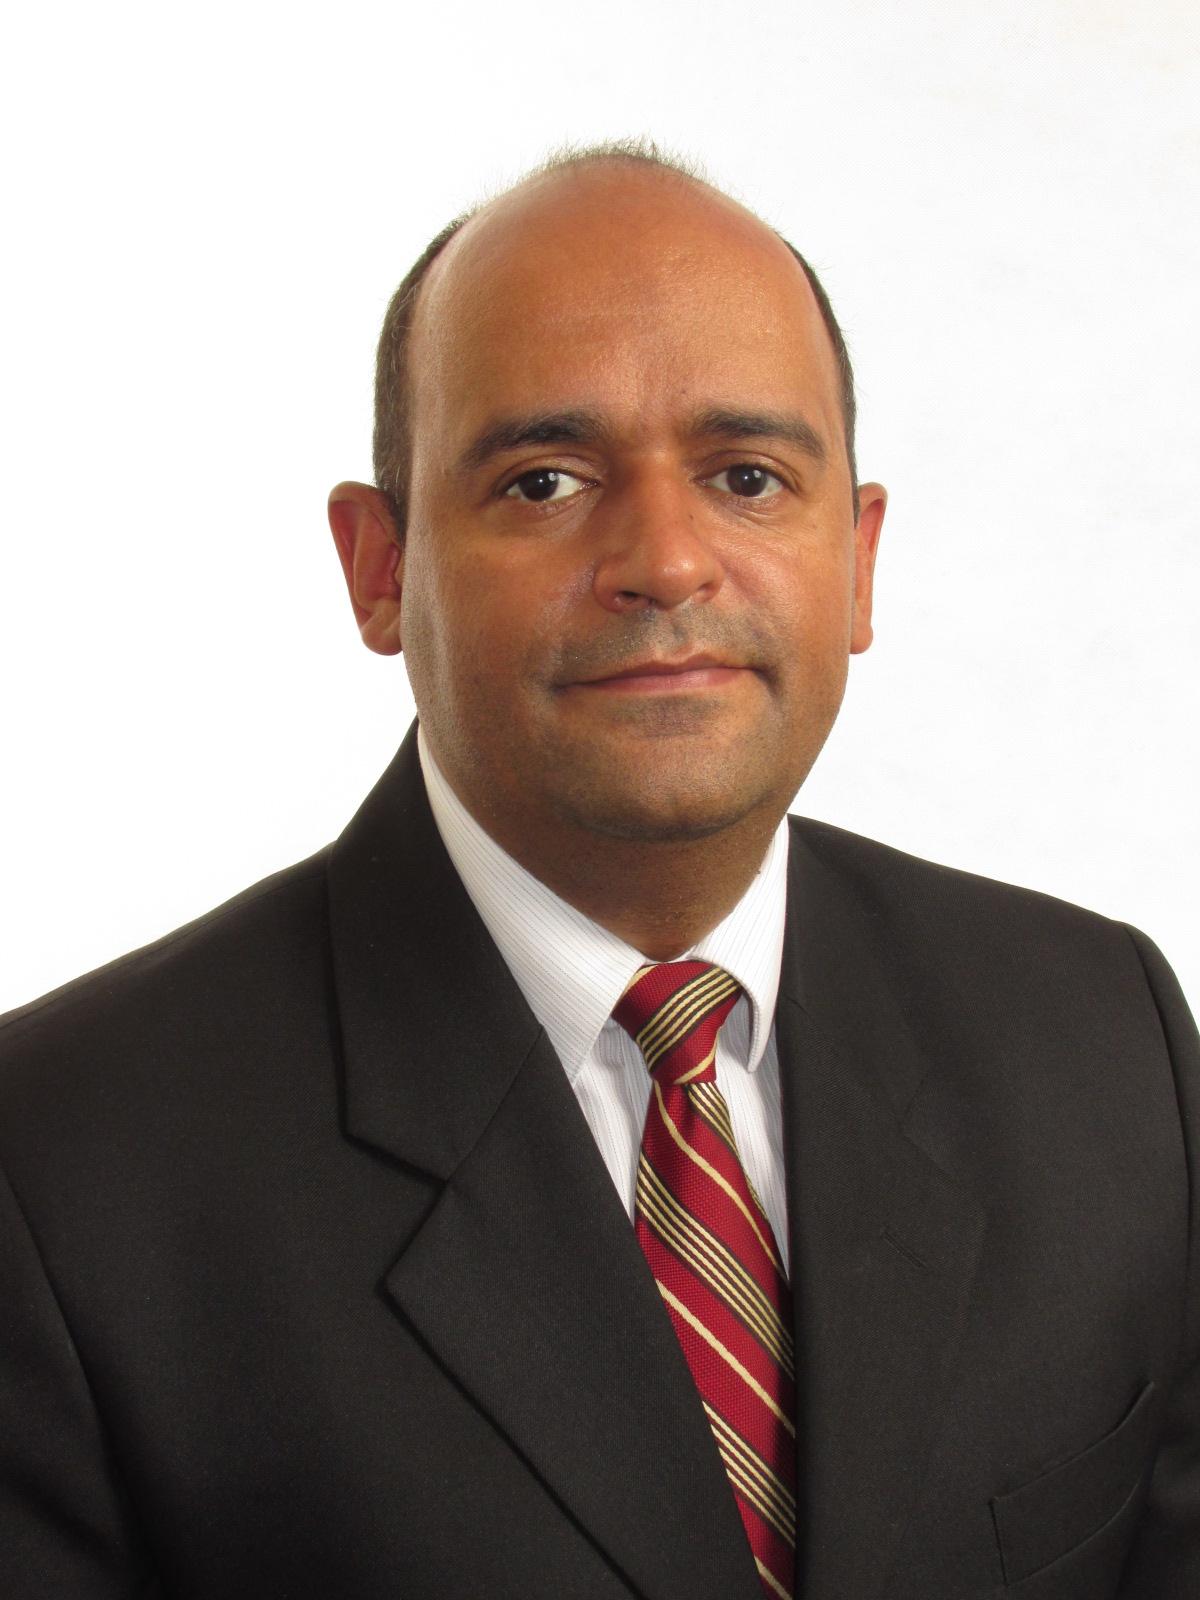 Daniel Diniz